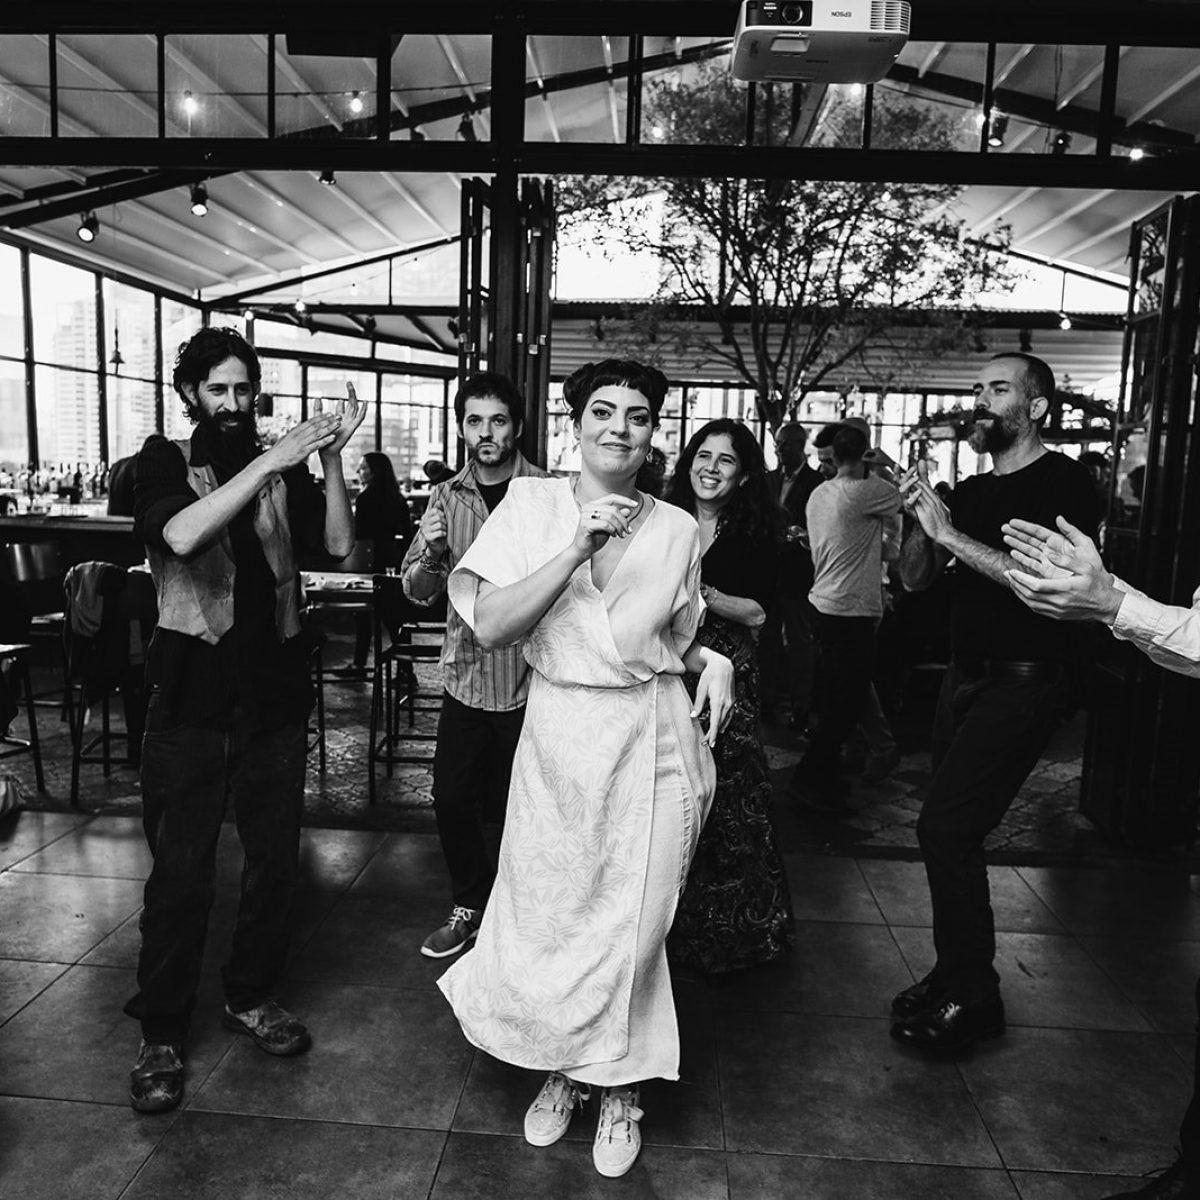 כלה רוקדת ברחבת הריקודים בחתונה בסורה מרה - a bride is dancing on the dance floor at her wedding at the Suramara